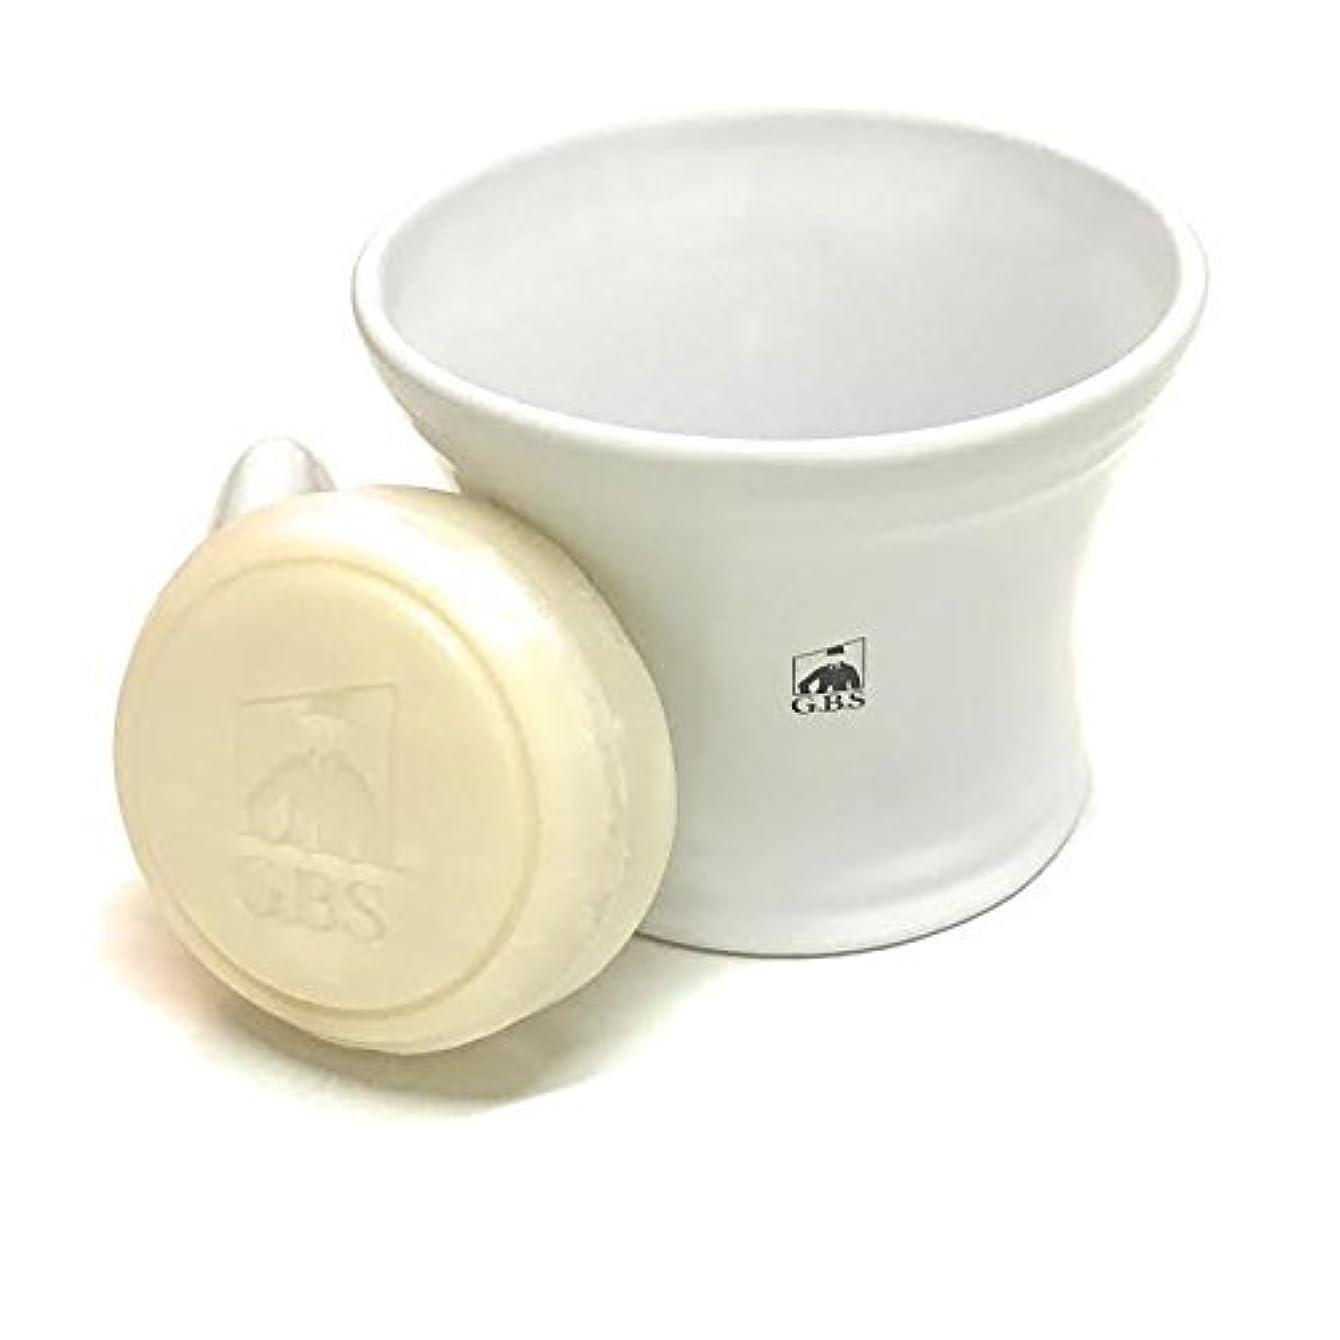 ルビー繊維言い聞かせるGBS Shaving Mug with Knob Handle and Ocean Driftwood Soap 3 0z (White) [並行輸入品]